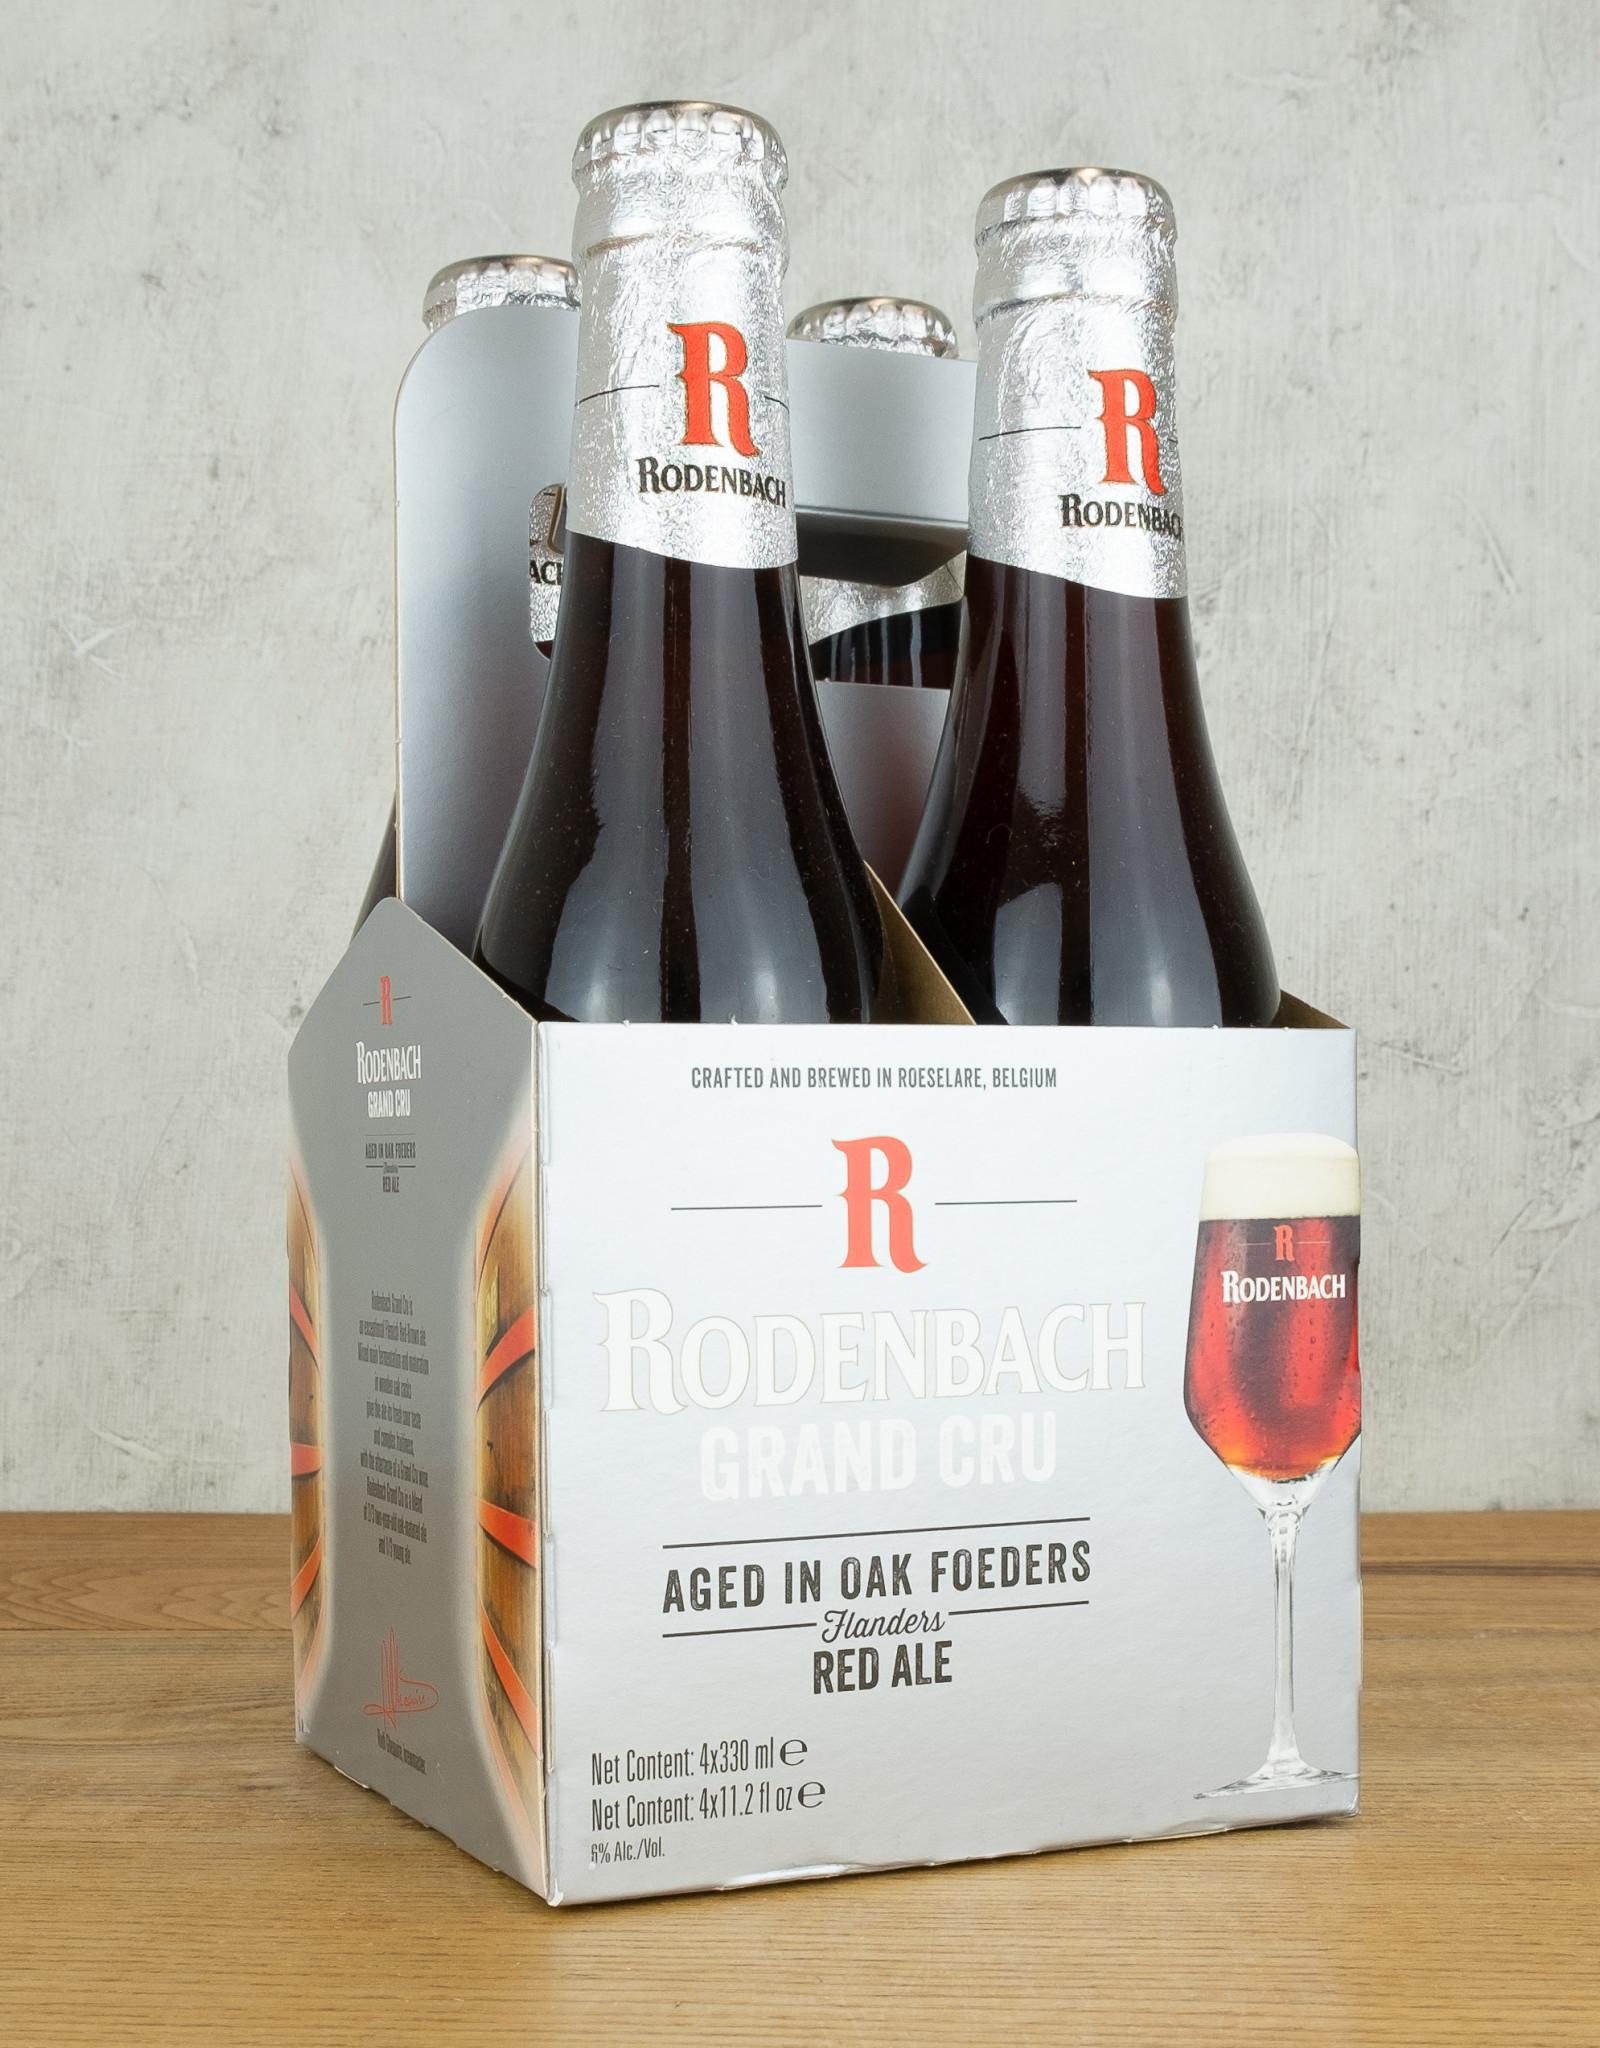 Rodenbach Grand Cru 4pk